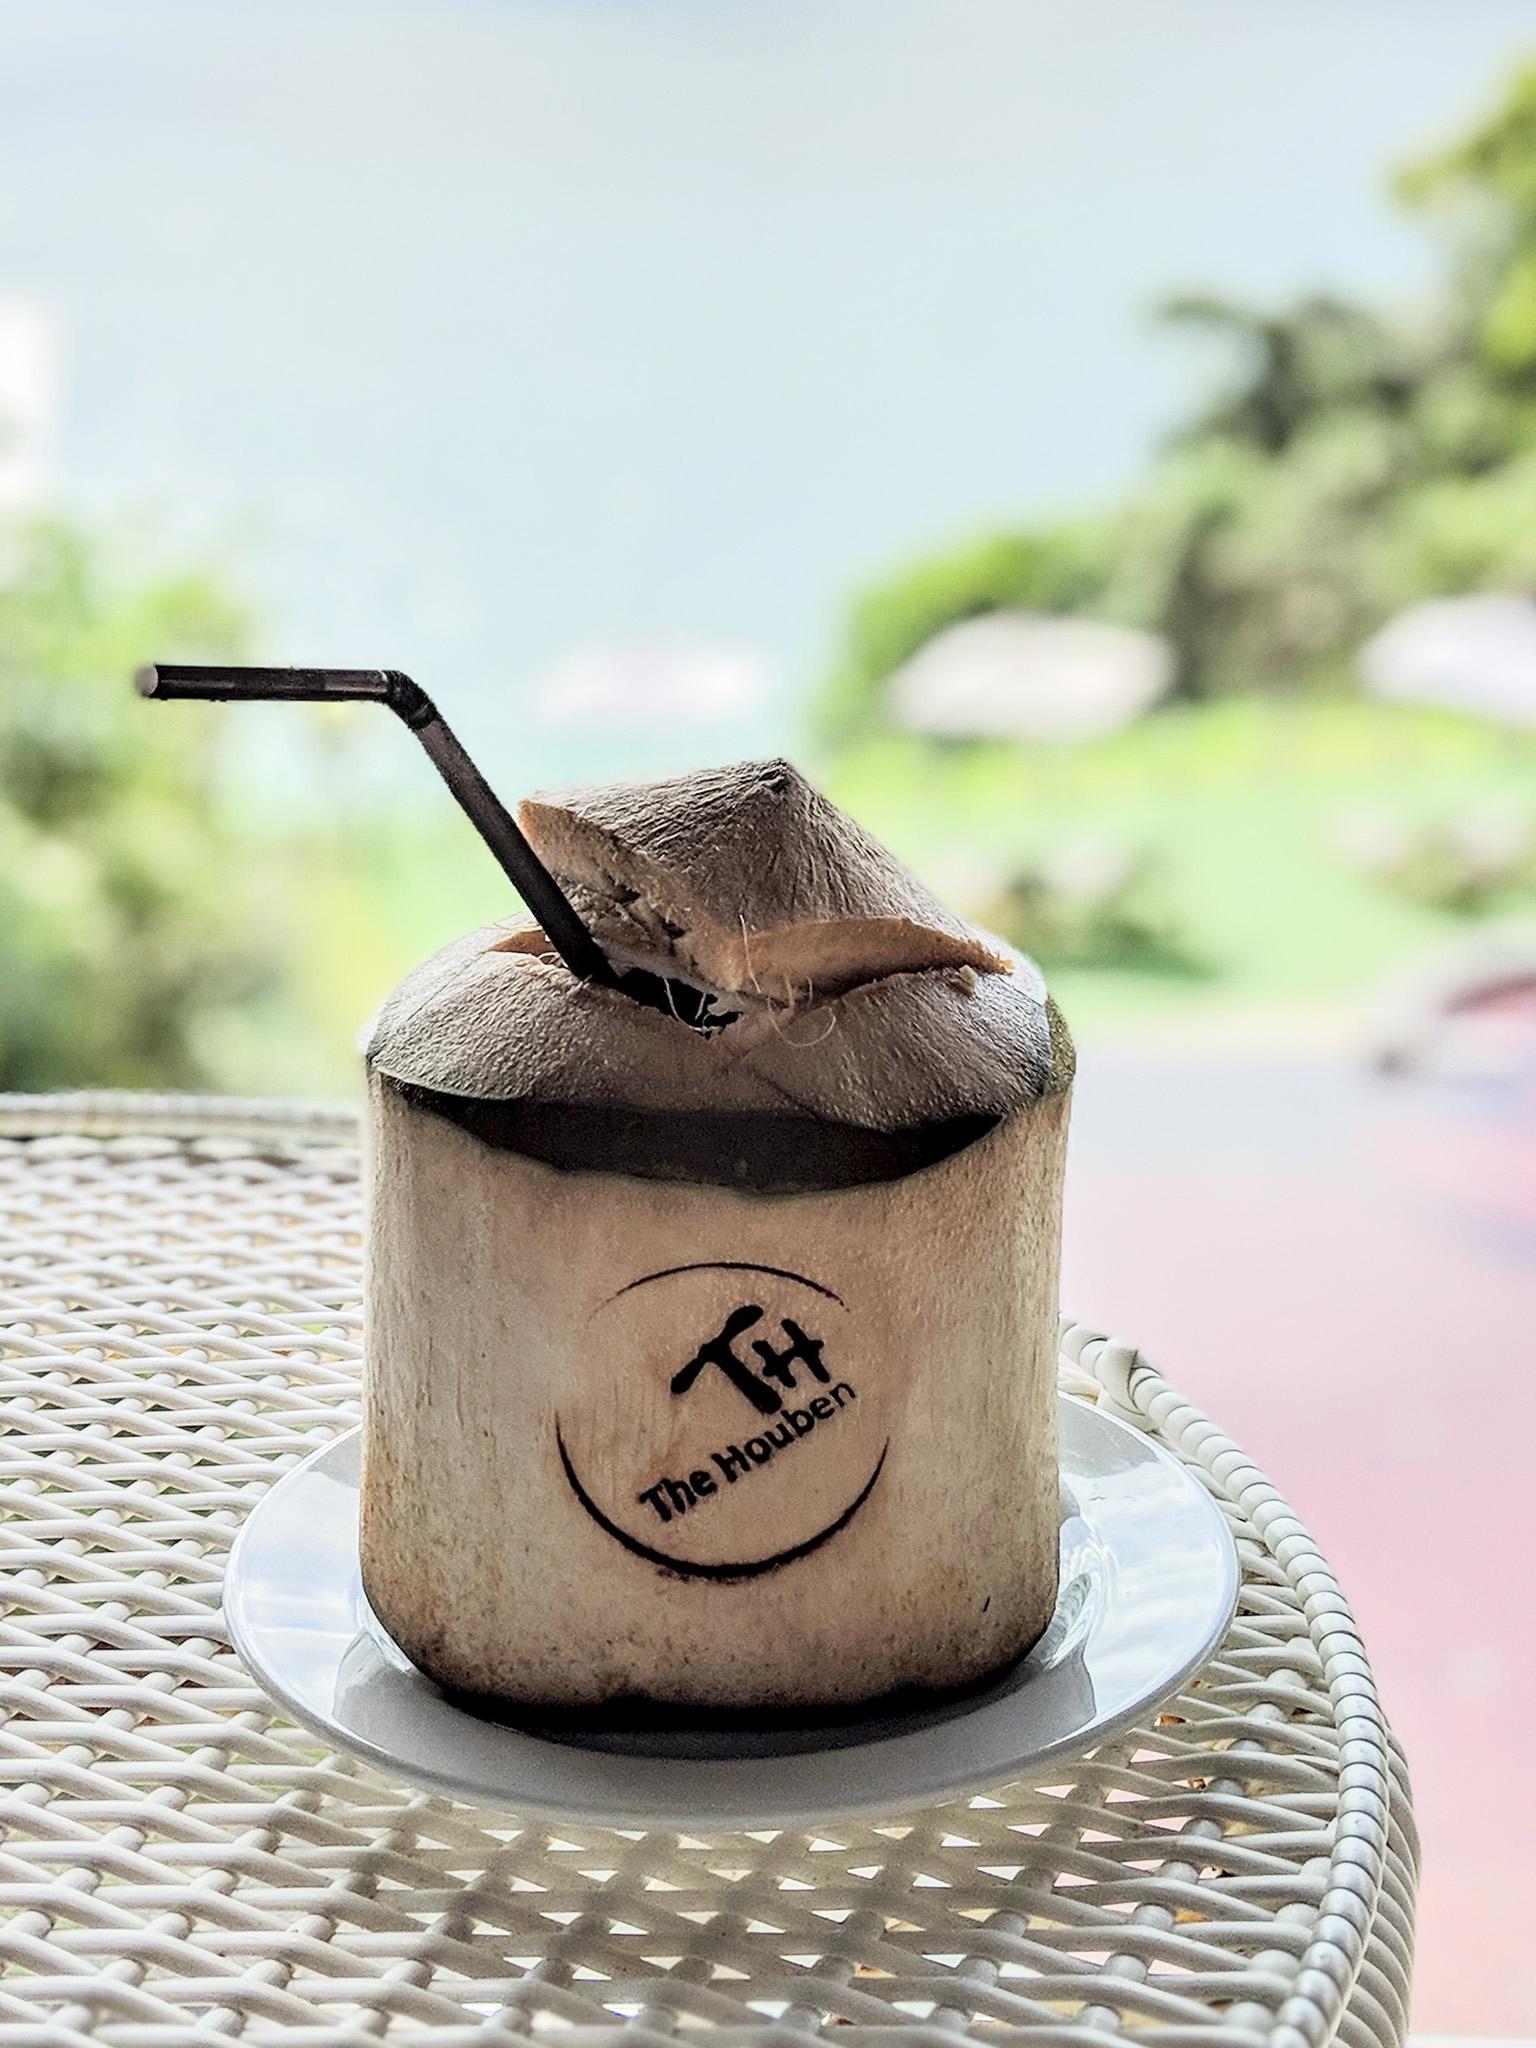 delicious fresh coconut